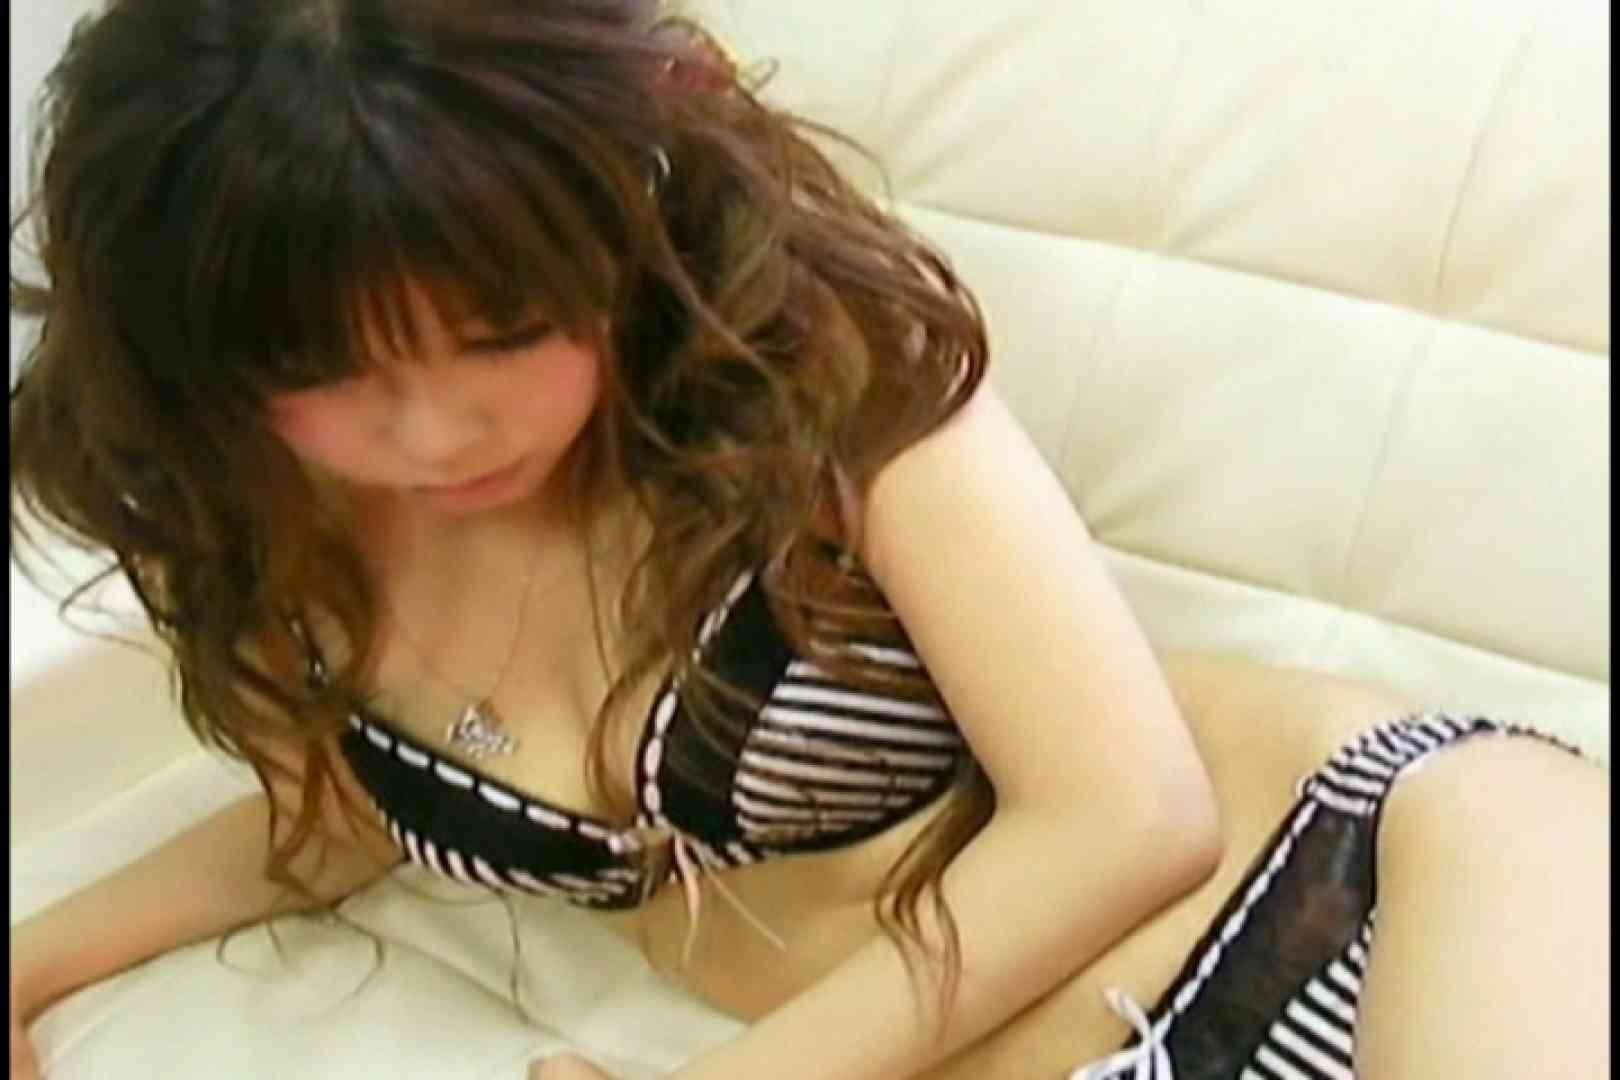 素人撮影 下着だけの撮影のはずが・・・まゆ20歳 隠撮 エロ画像 88pic 48